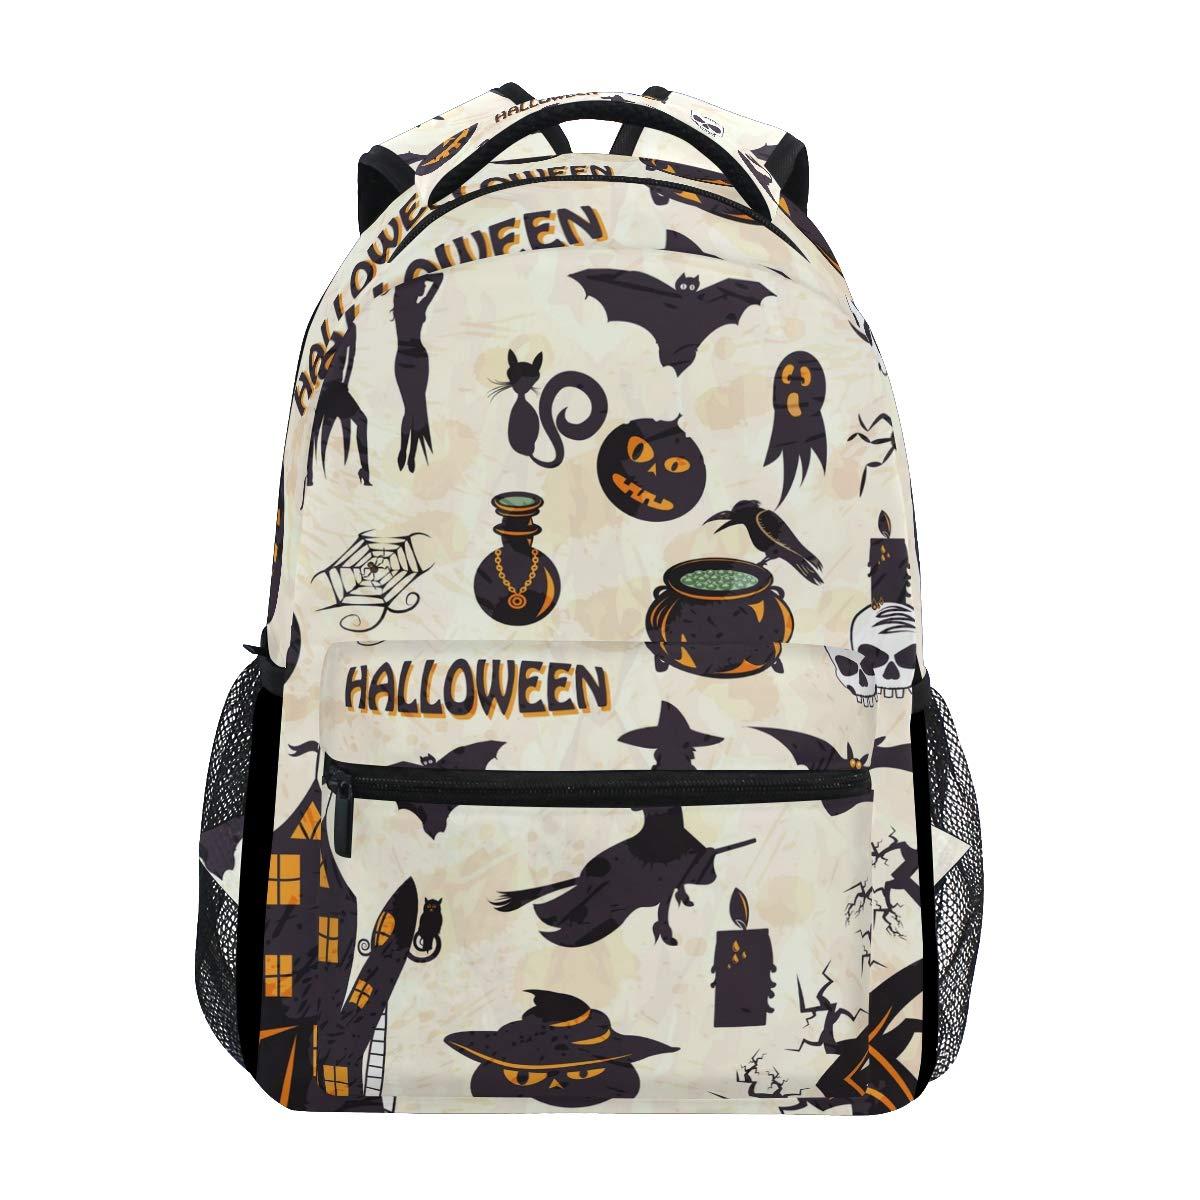 FAJRO- Mochila de Viaje para para Viaje Halloween Witches b953bc